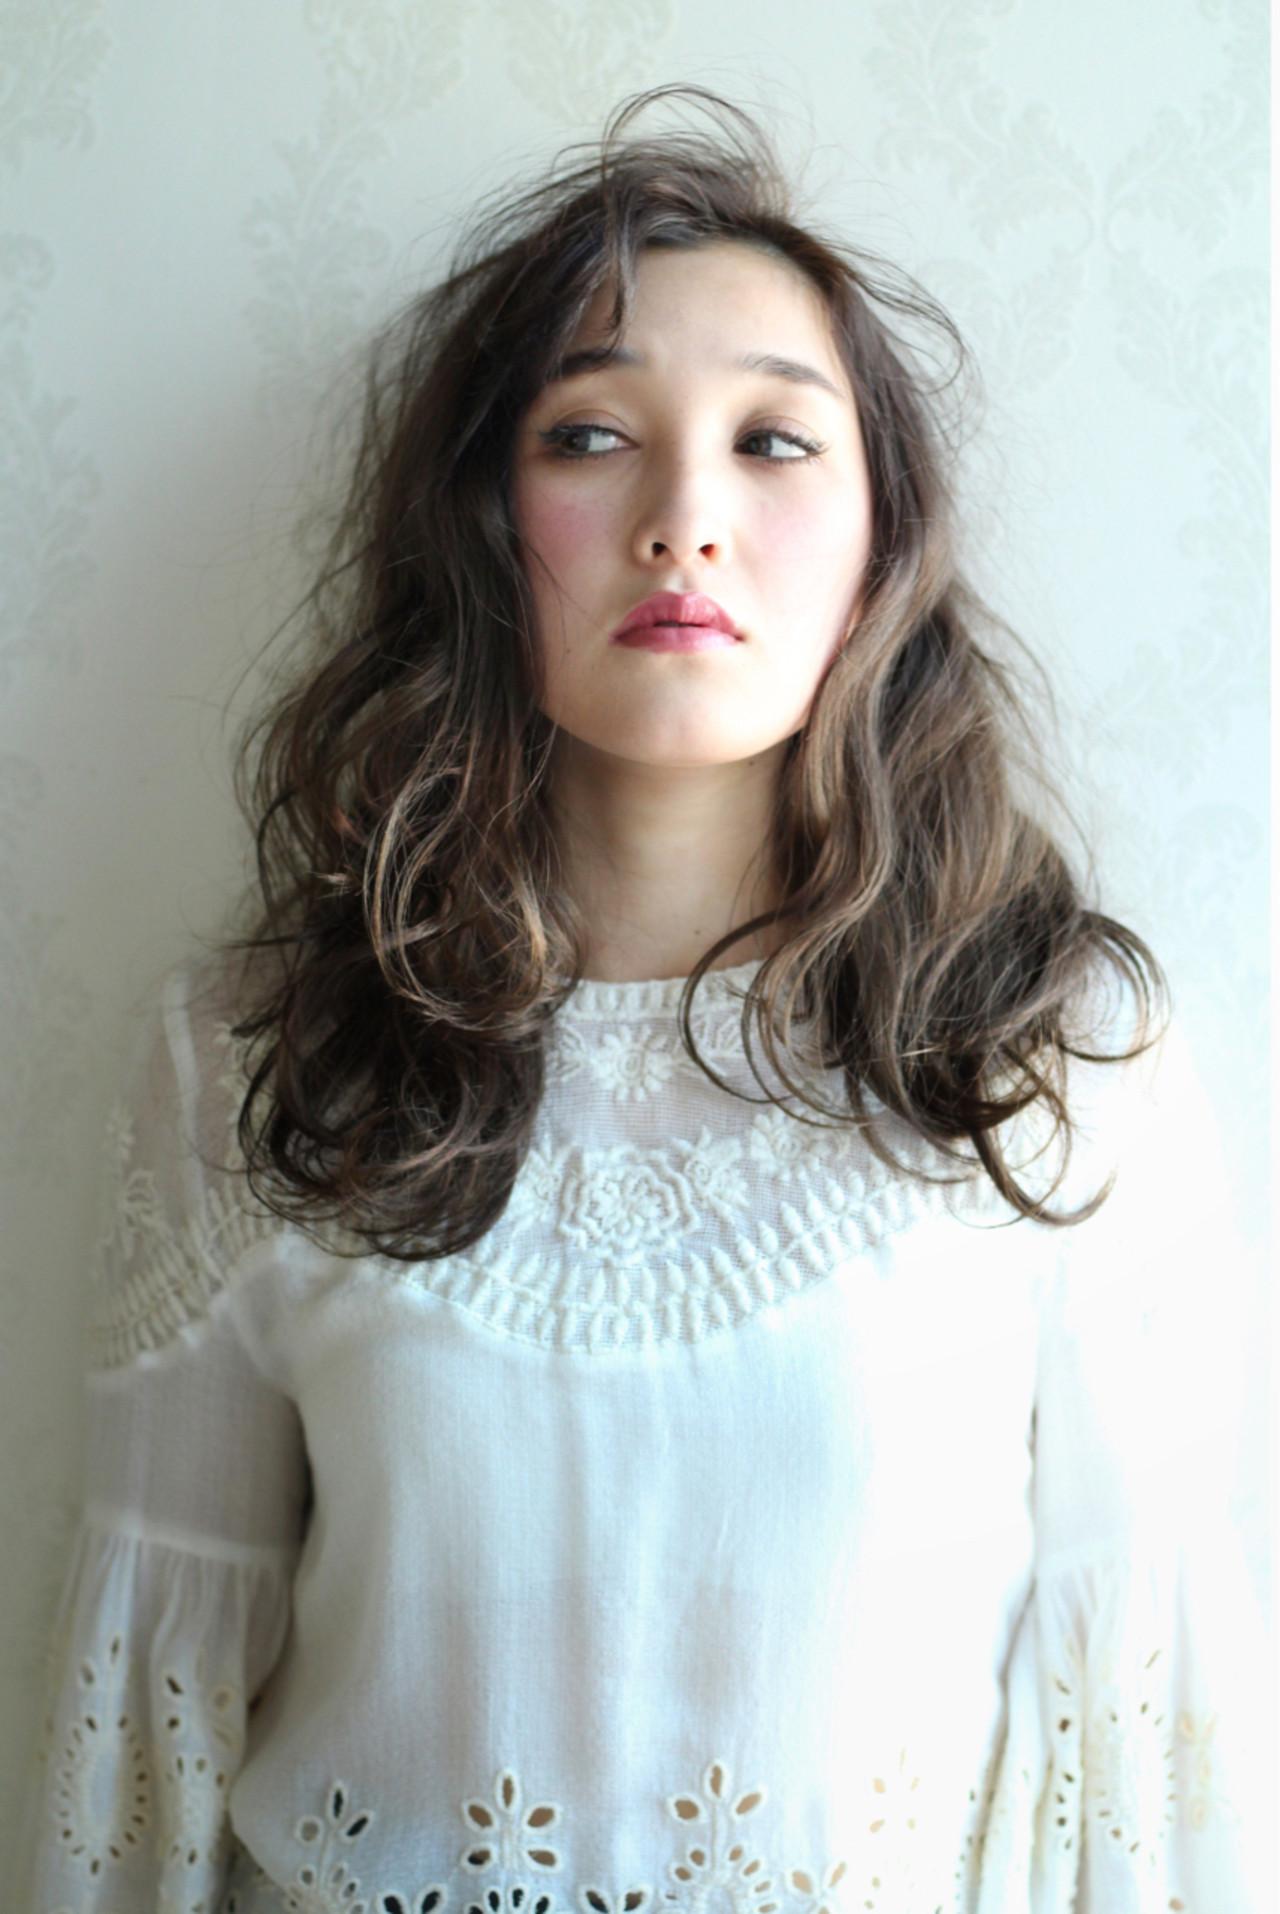 外国人風 ガーリー ハイライト セミロング ヘアスタイルや髪型の写真・画像 | 太賀雄己 / FROH  (フロウ)